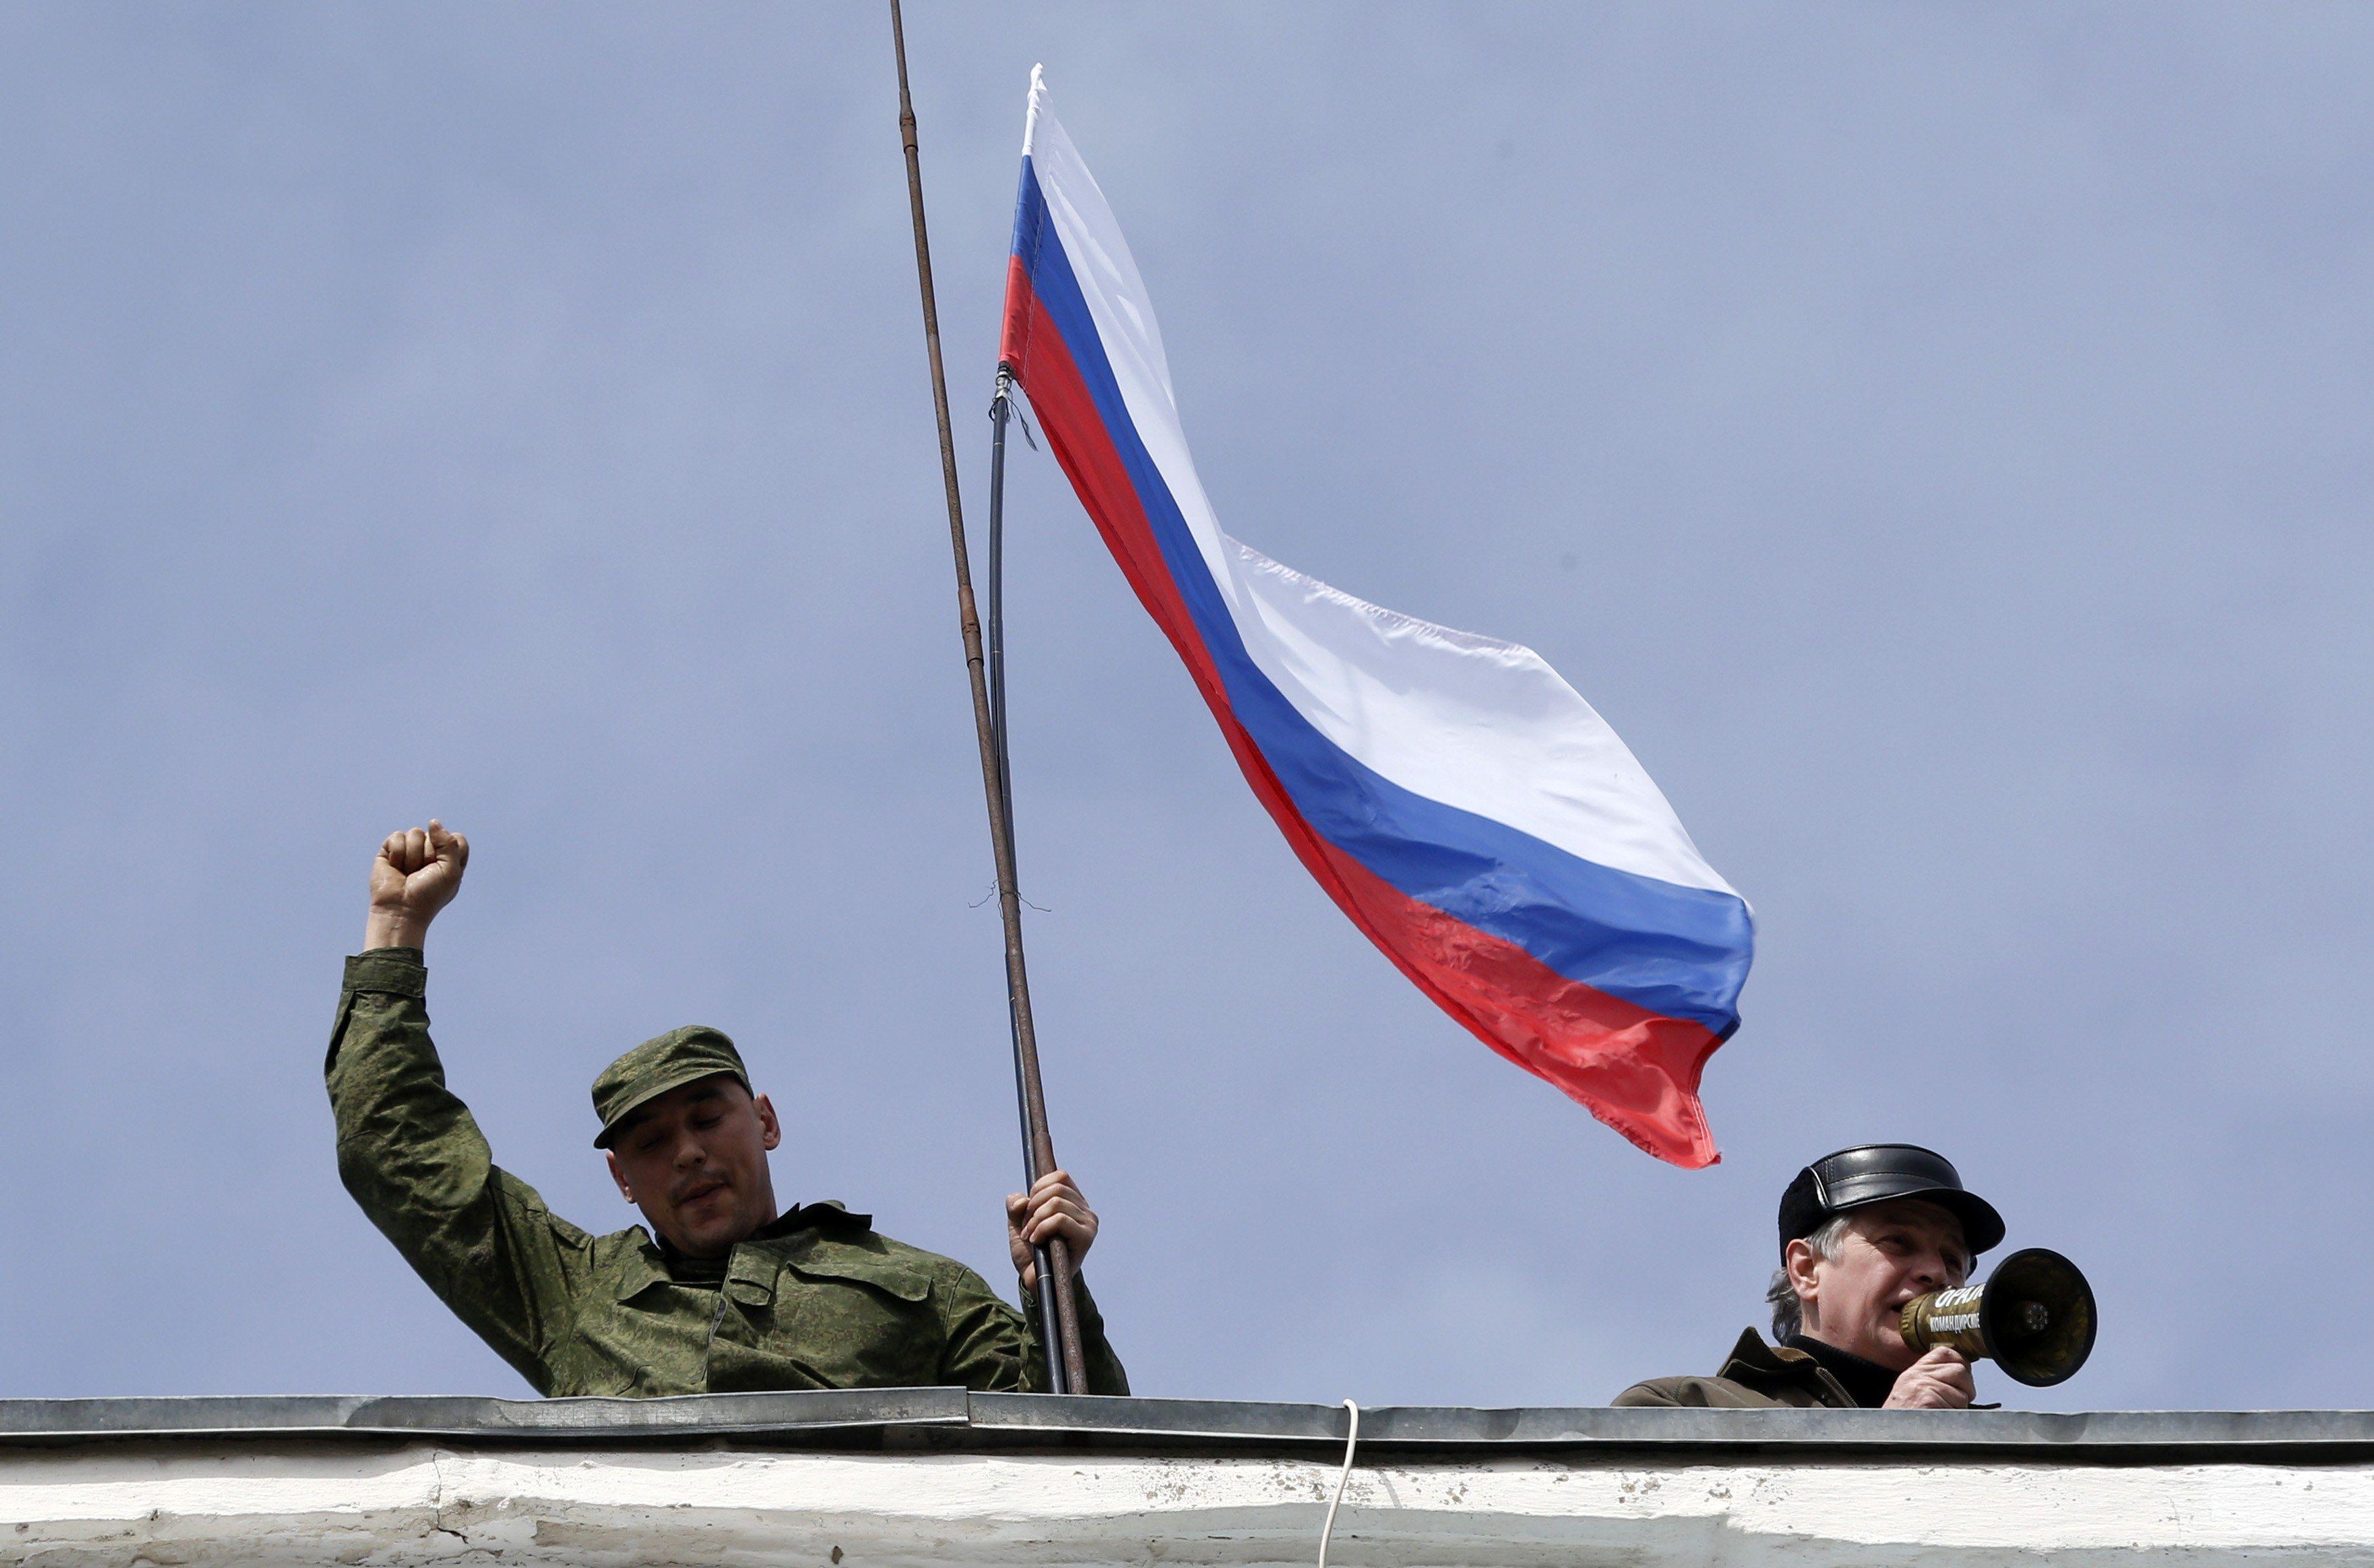 Над штабом ВМФ Украины подняли российский флаг